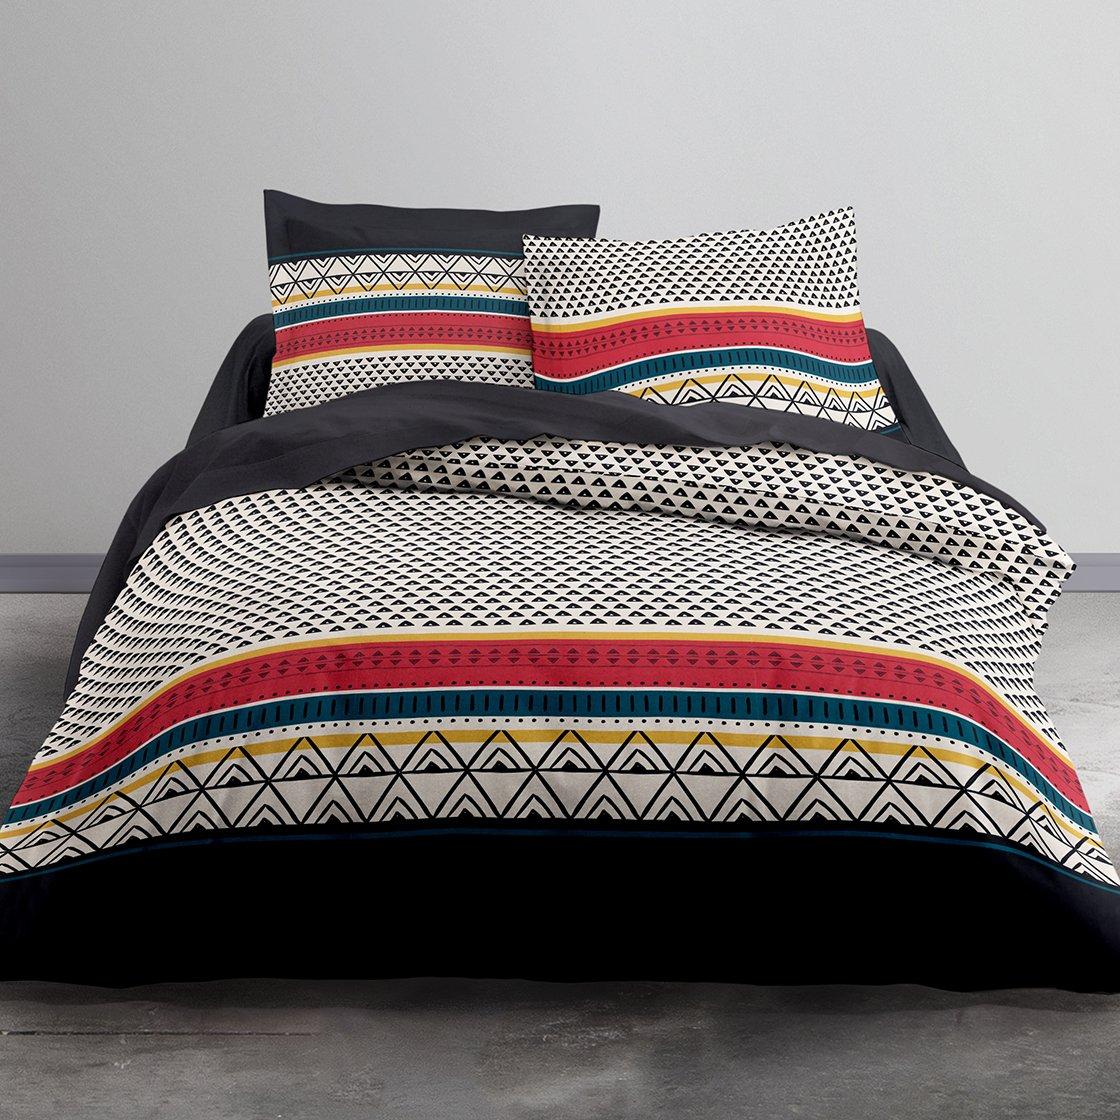 Multicolore Coton 2 Taies doreiller TODAY Etniko Parure de Lit 2 Personnes 220x240 cm